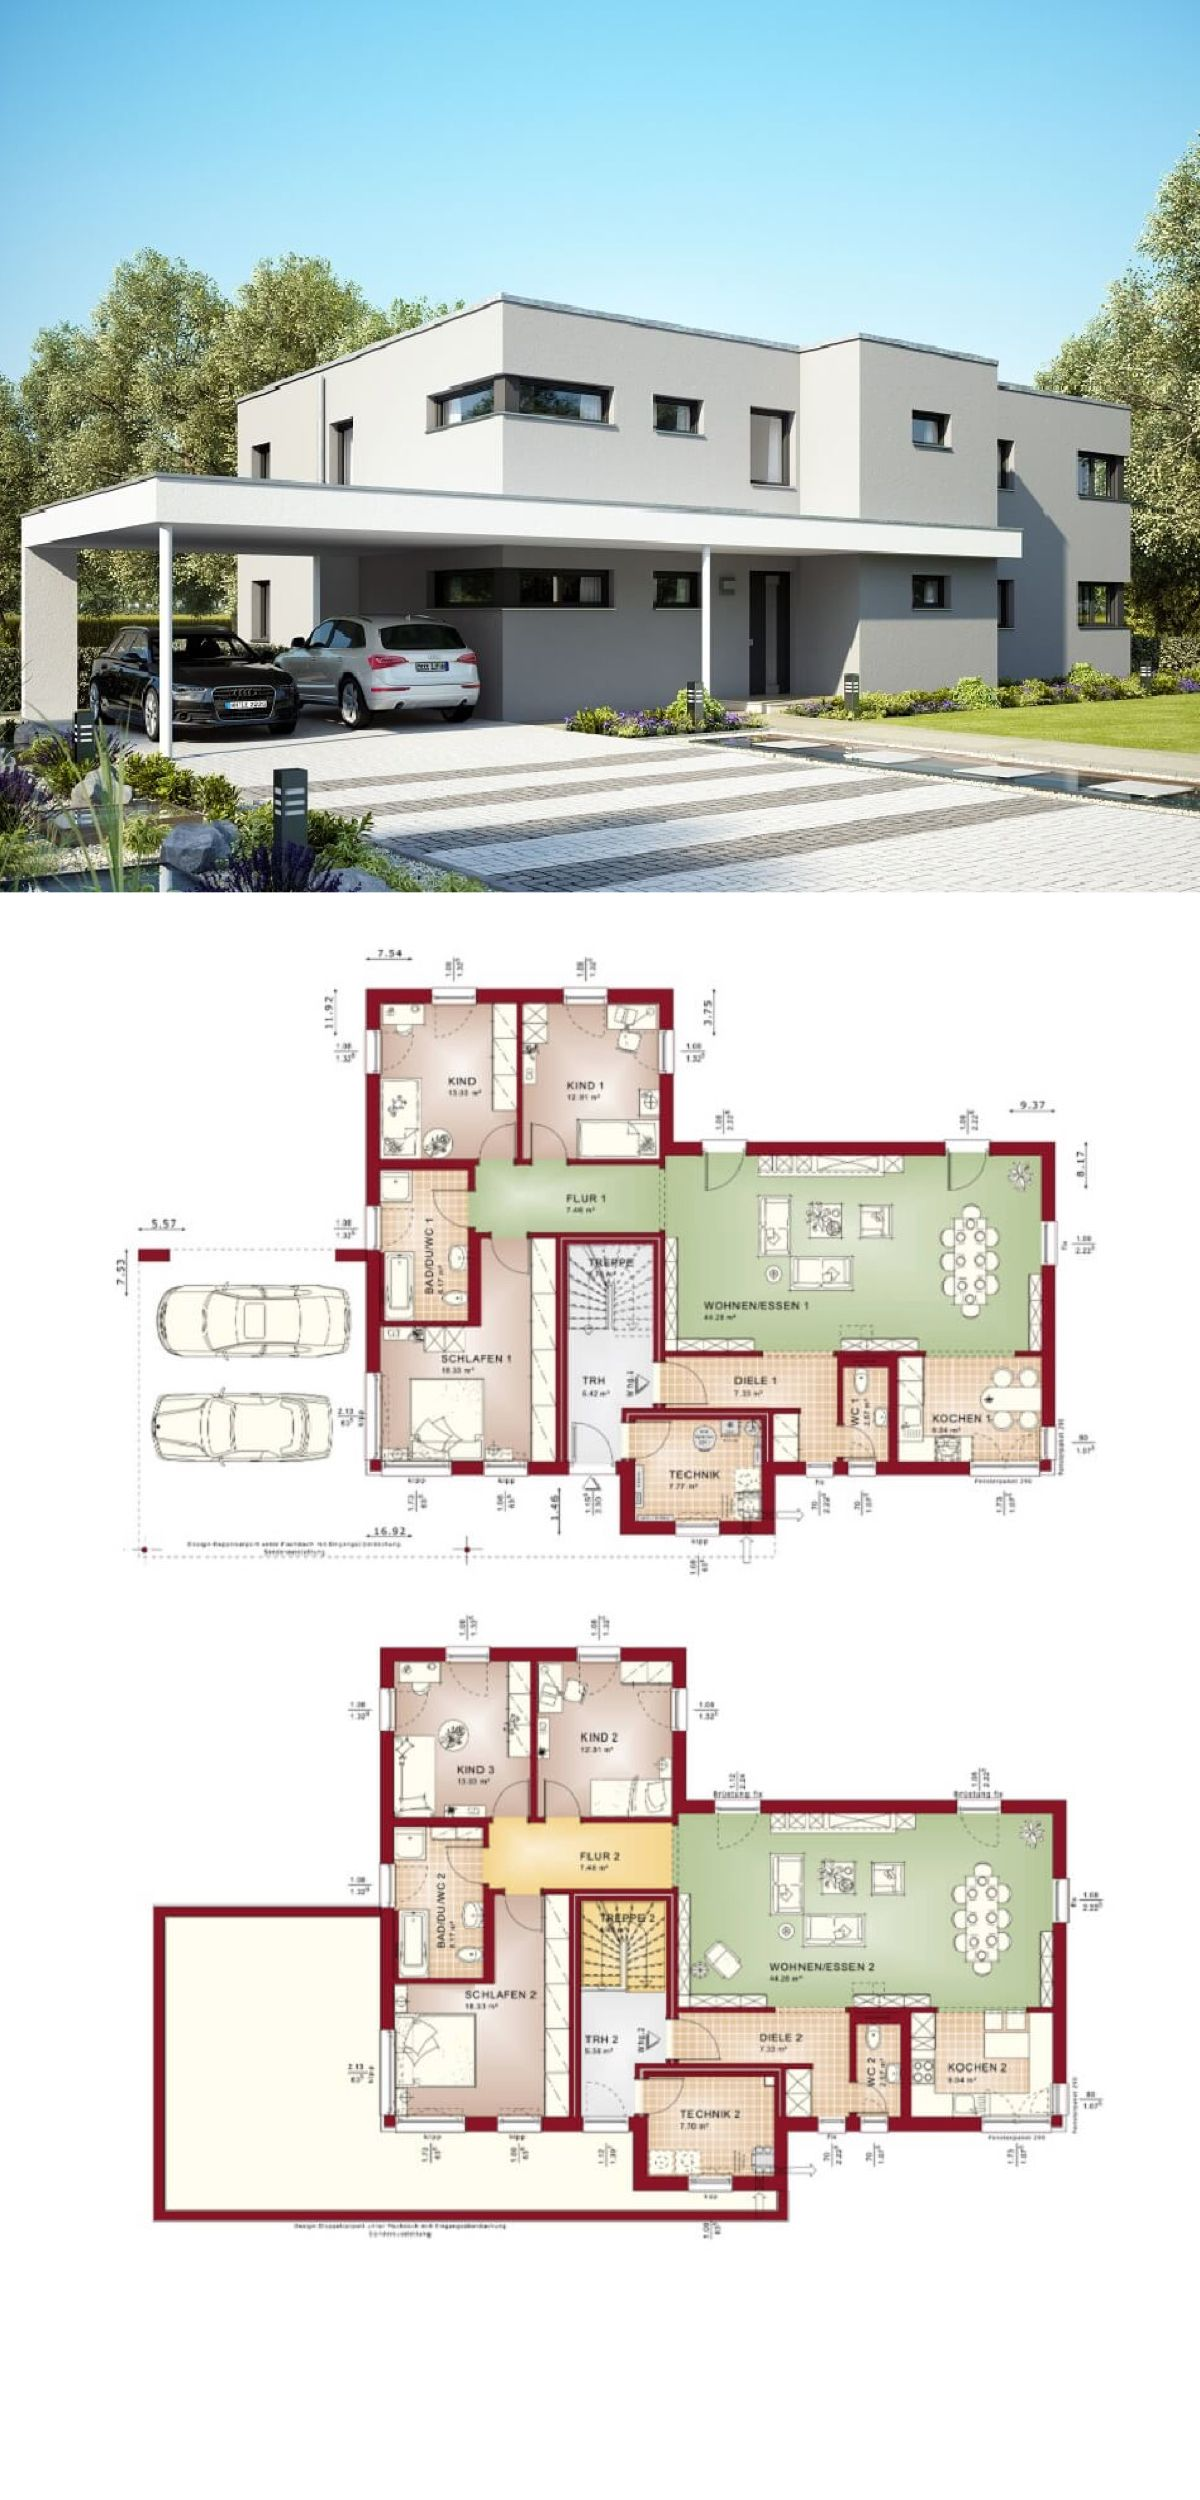 zweifamilienhaus im bauhaus stil mit flachdach und carport. Black Bedroom Furniture Sets. Home Design Ideas